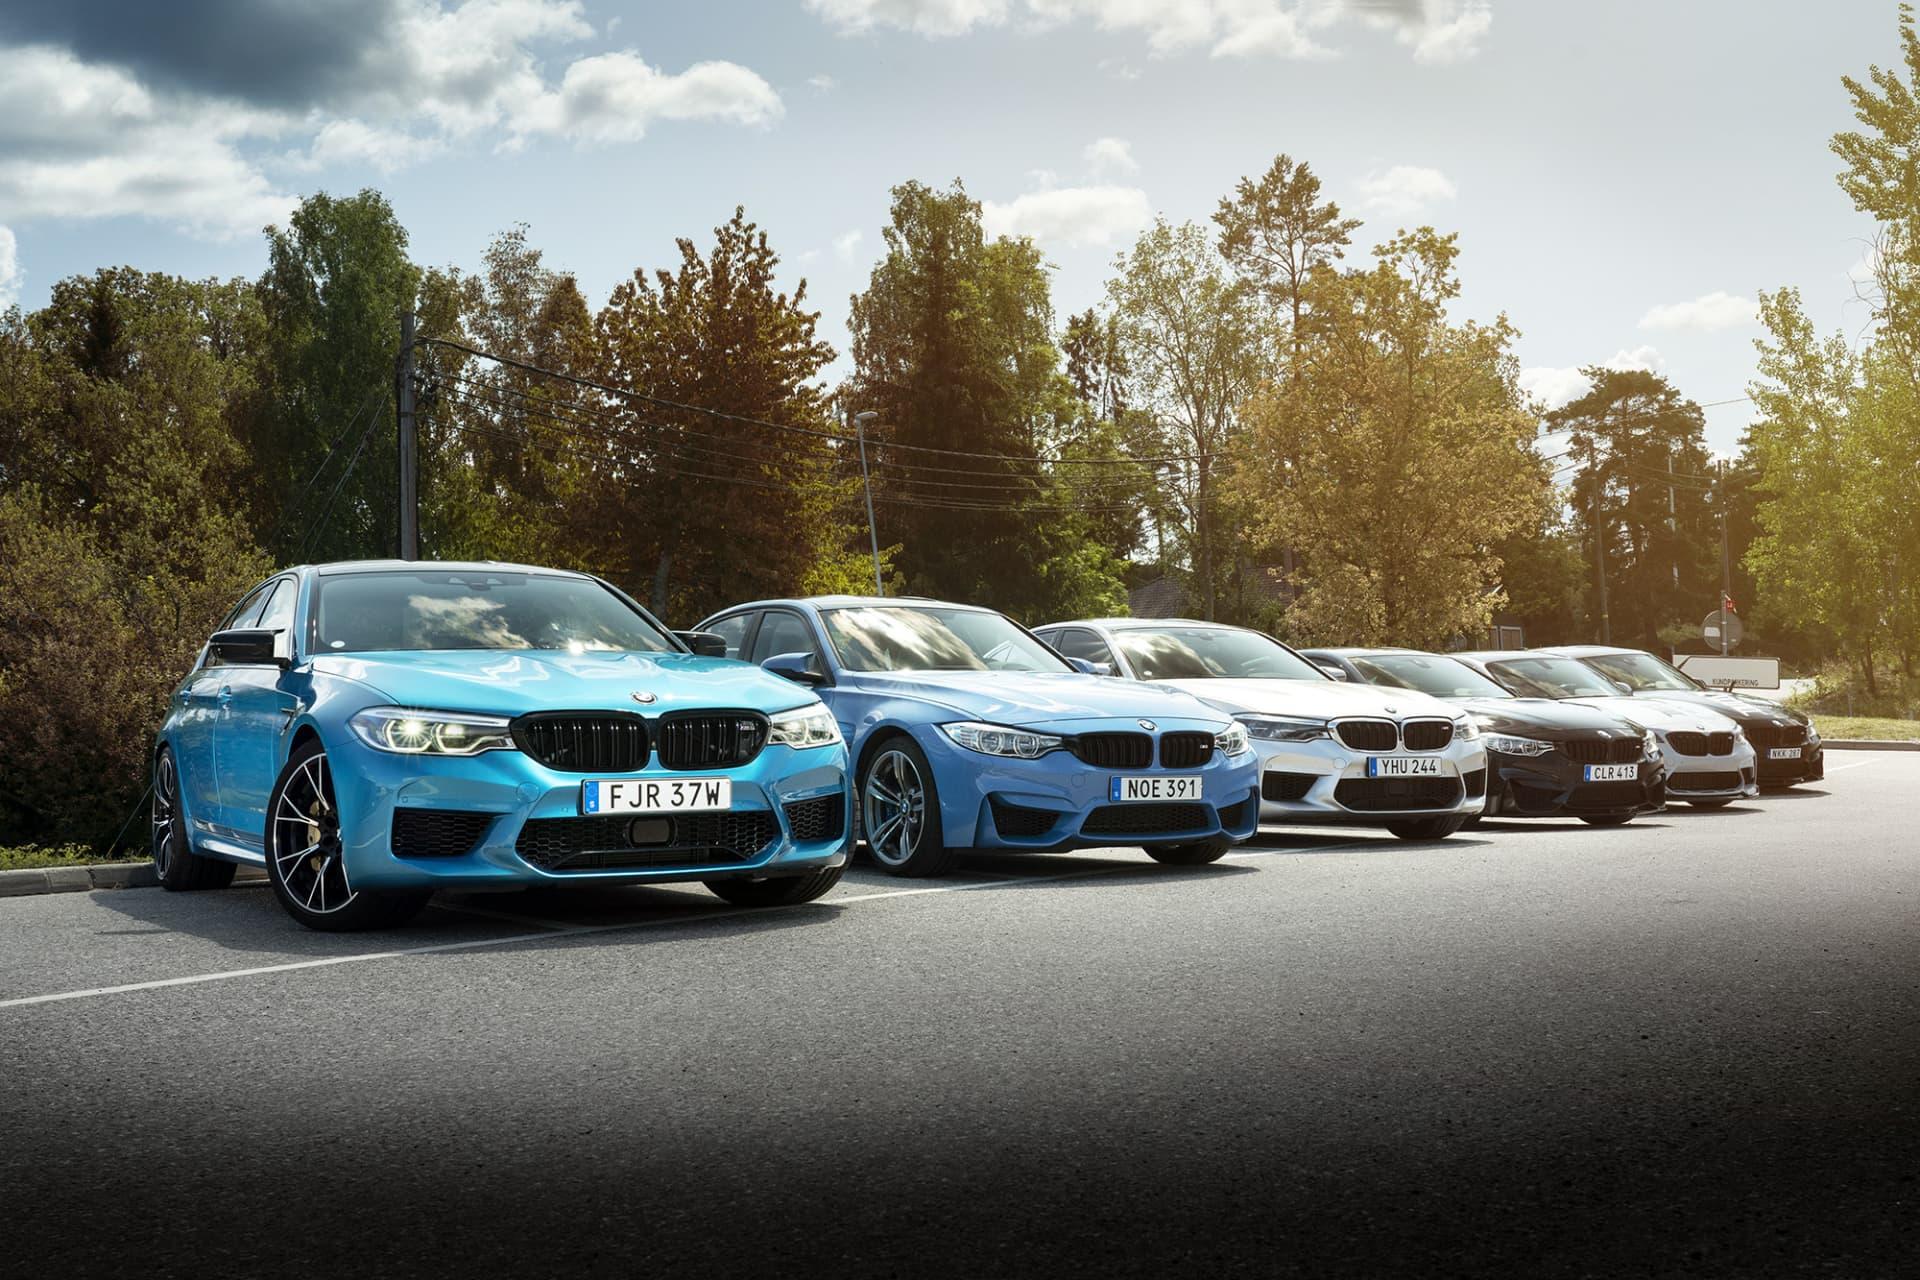 Den trevliga BMW M-bil klubben RSR (Ready Steady Run) bjöd på en härlig kördag på de slingriga vägarna öster om Stockholm.